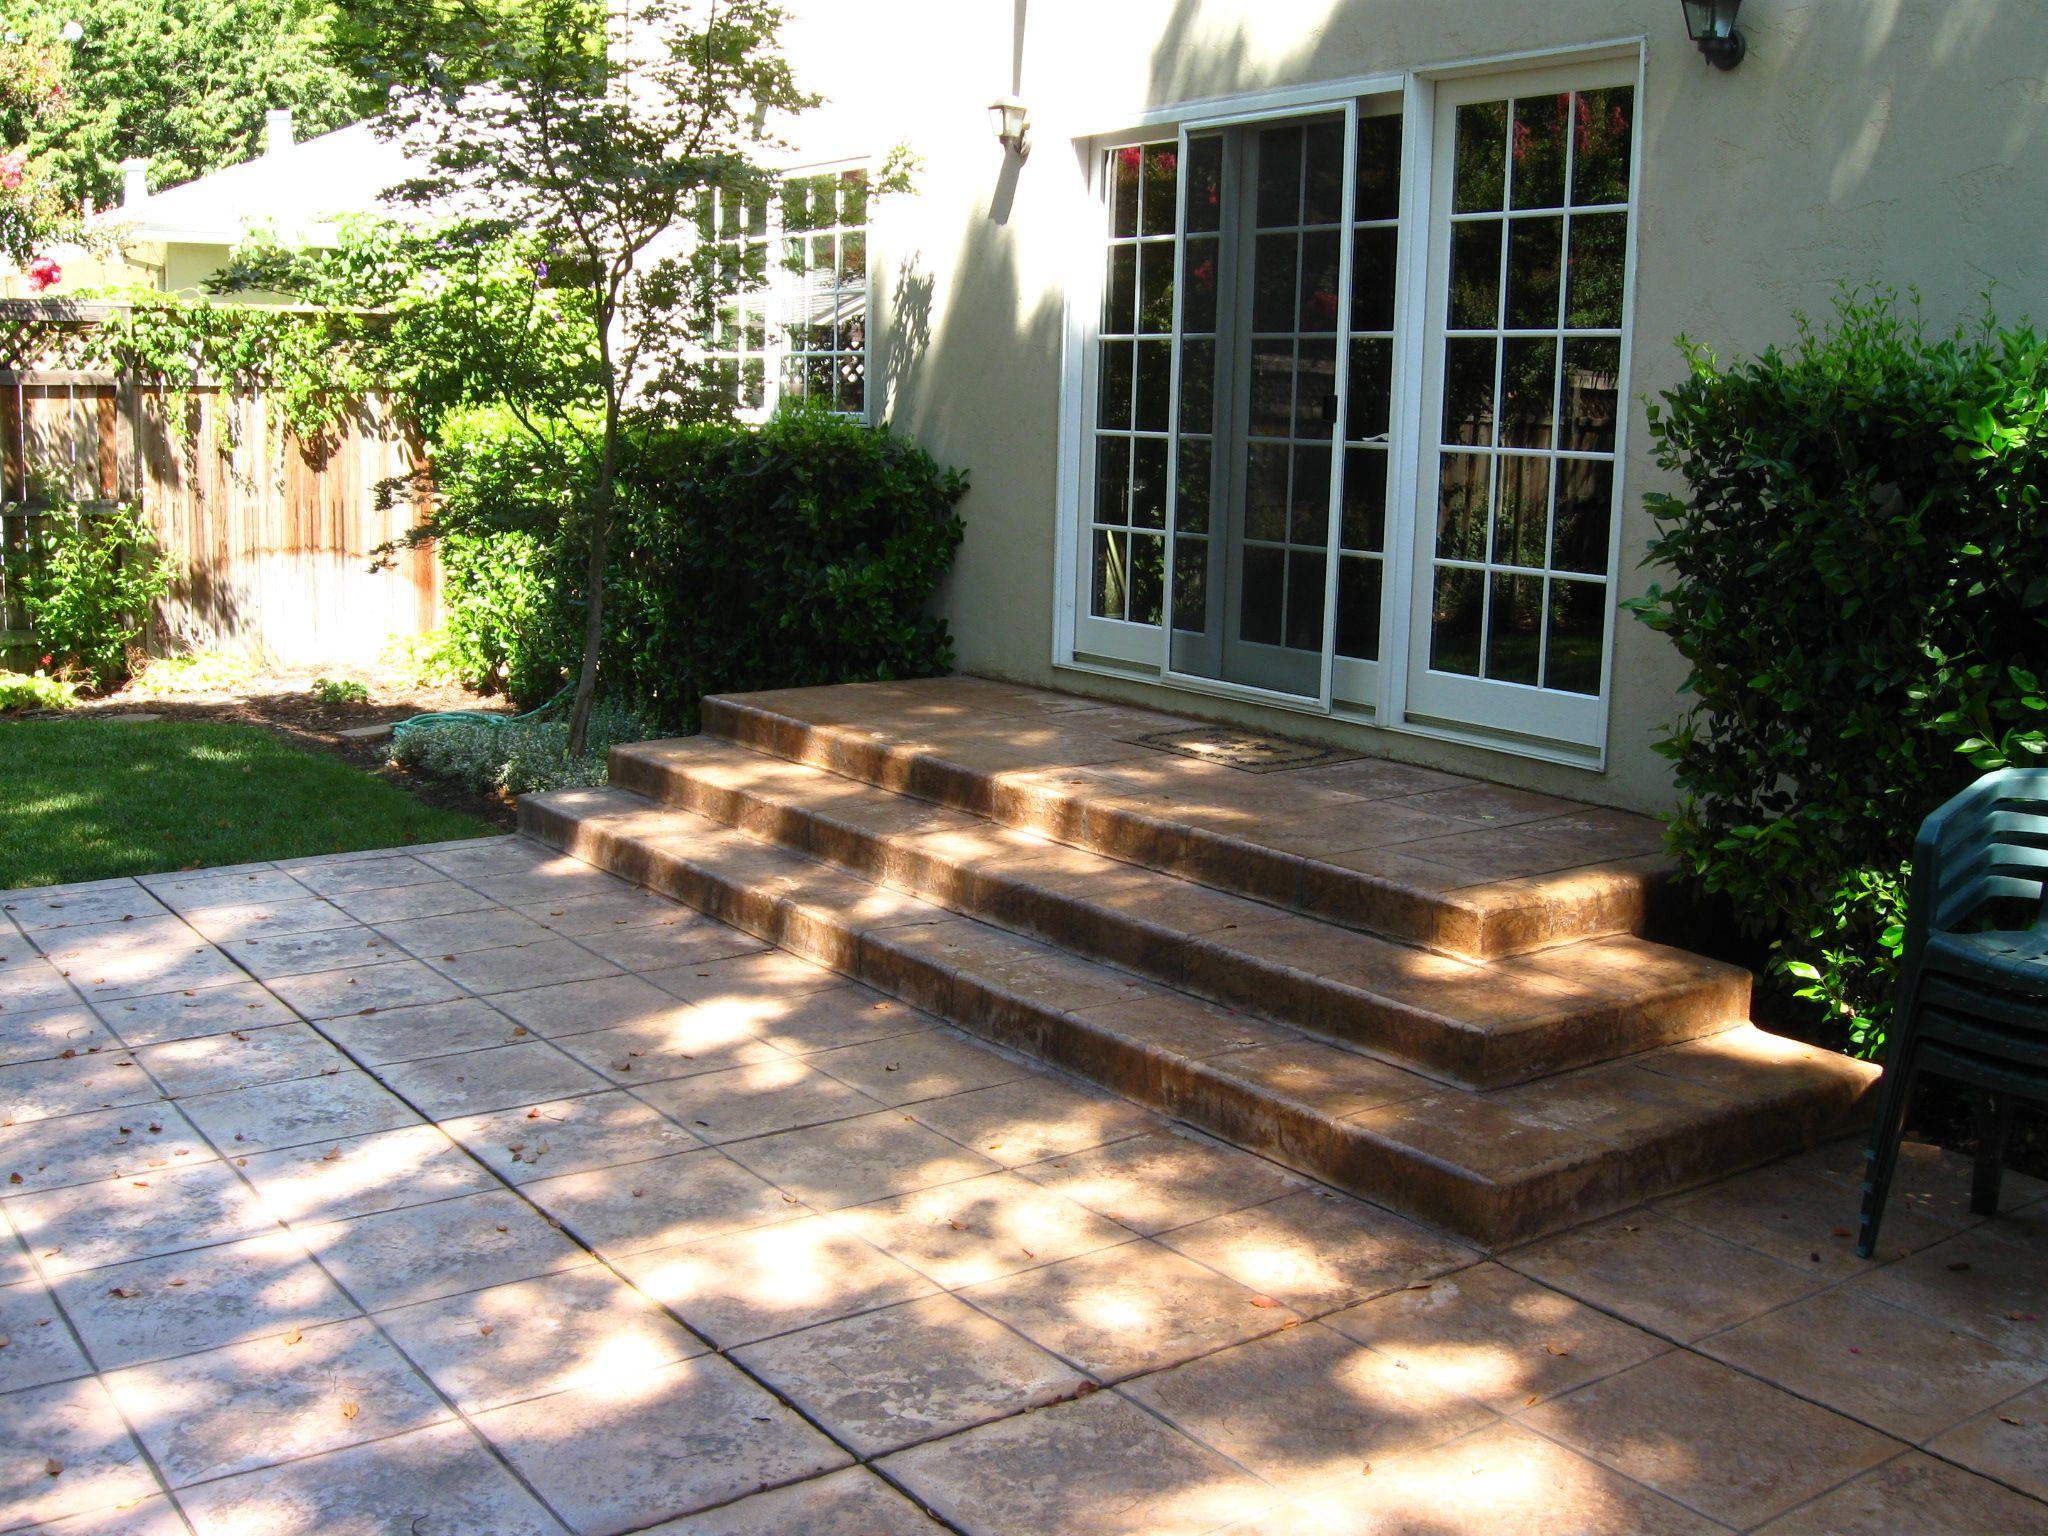 Poured Concrete Patio Design Ideas Hear What Our Clients